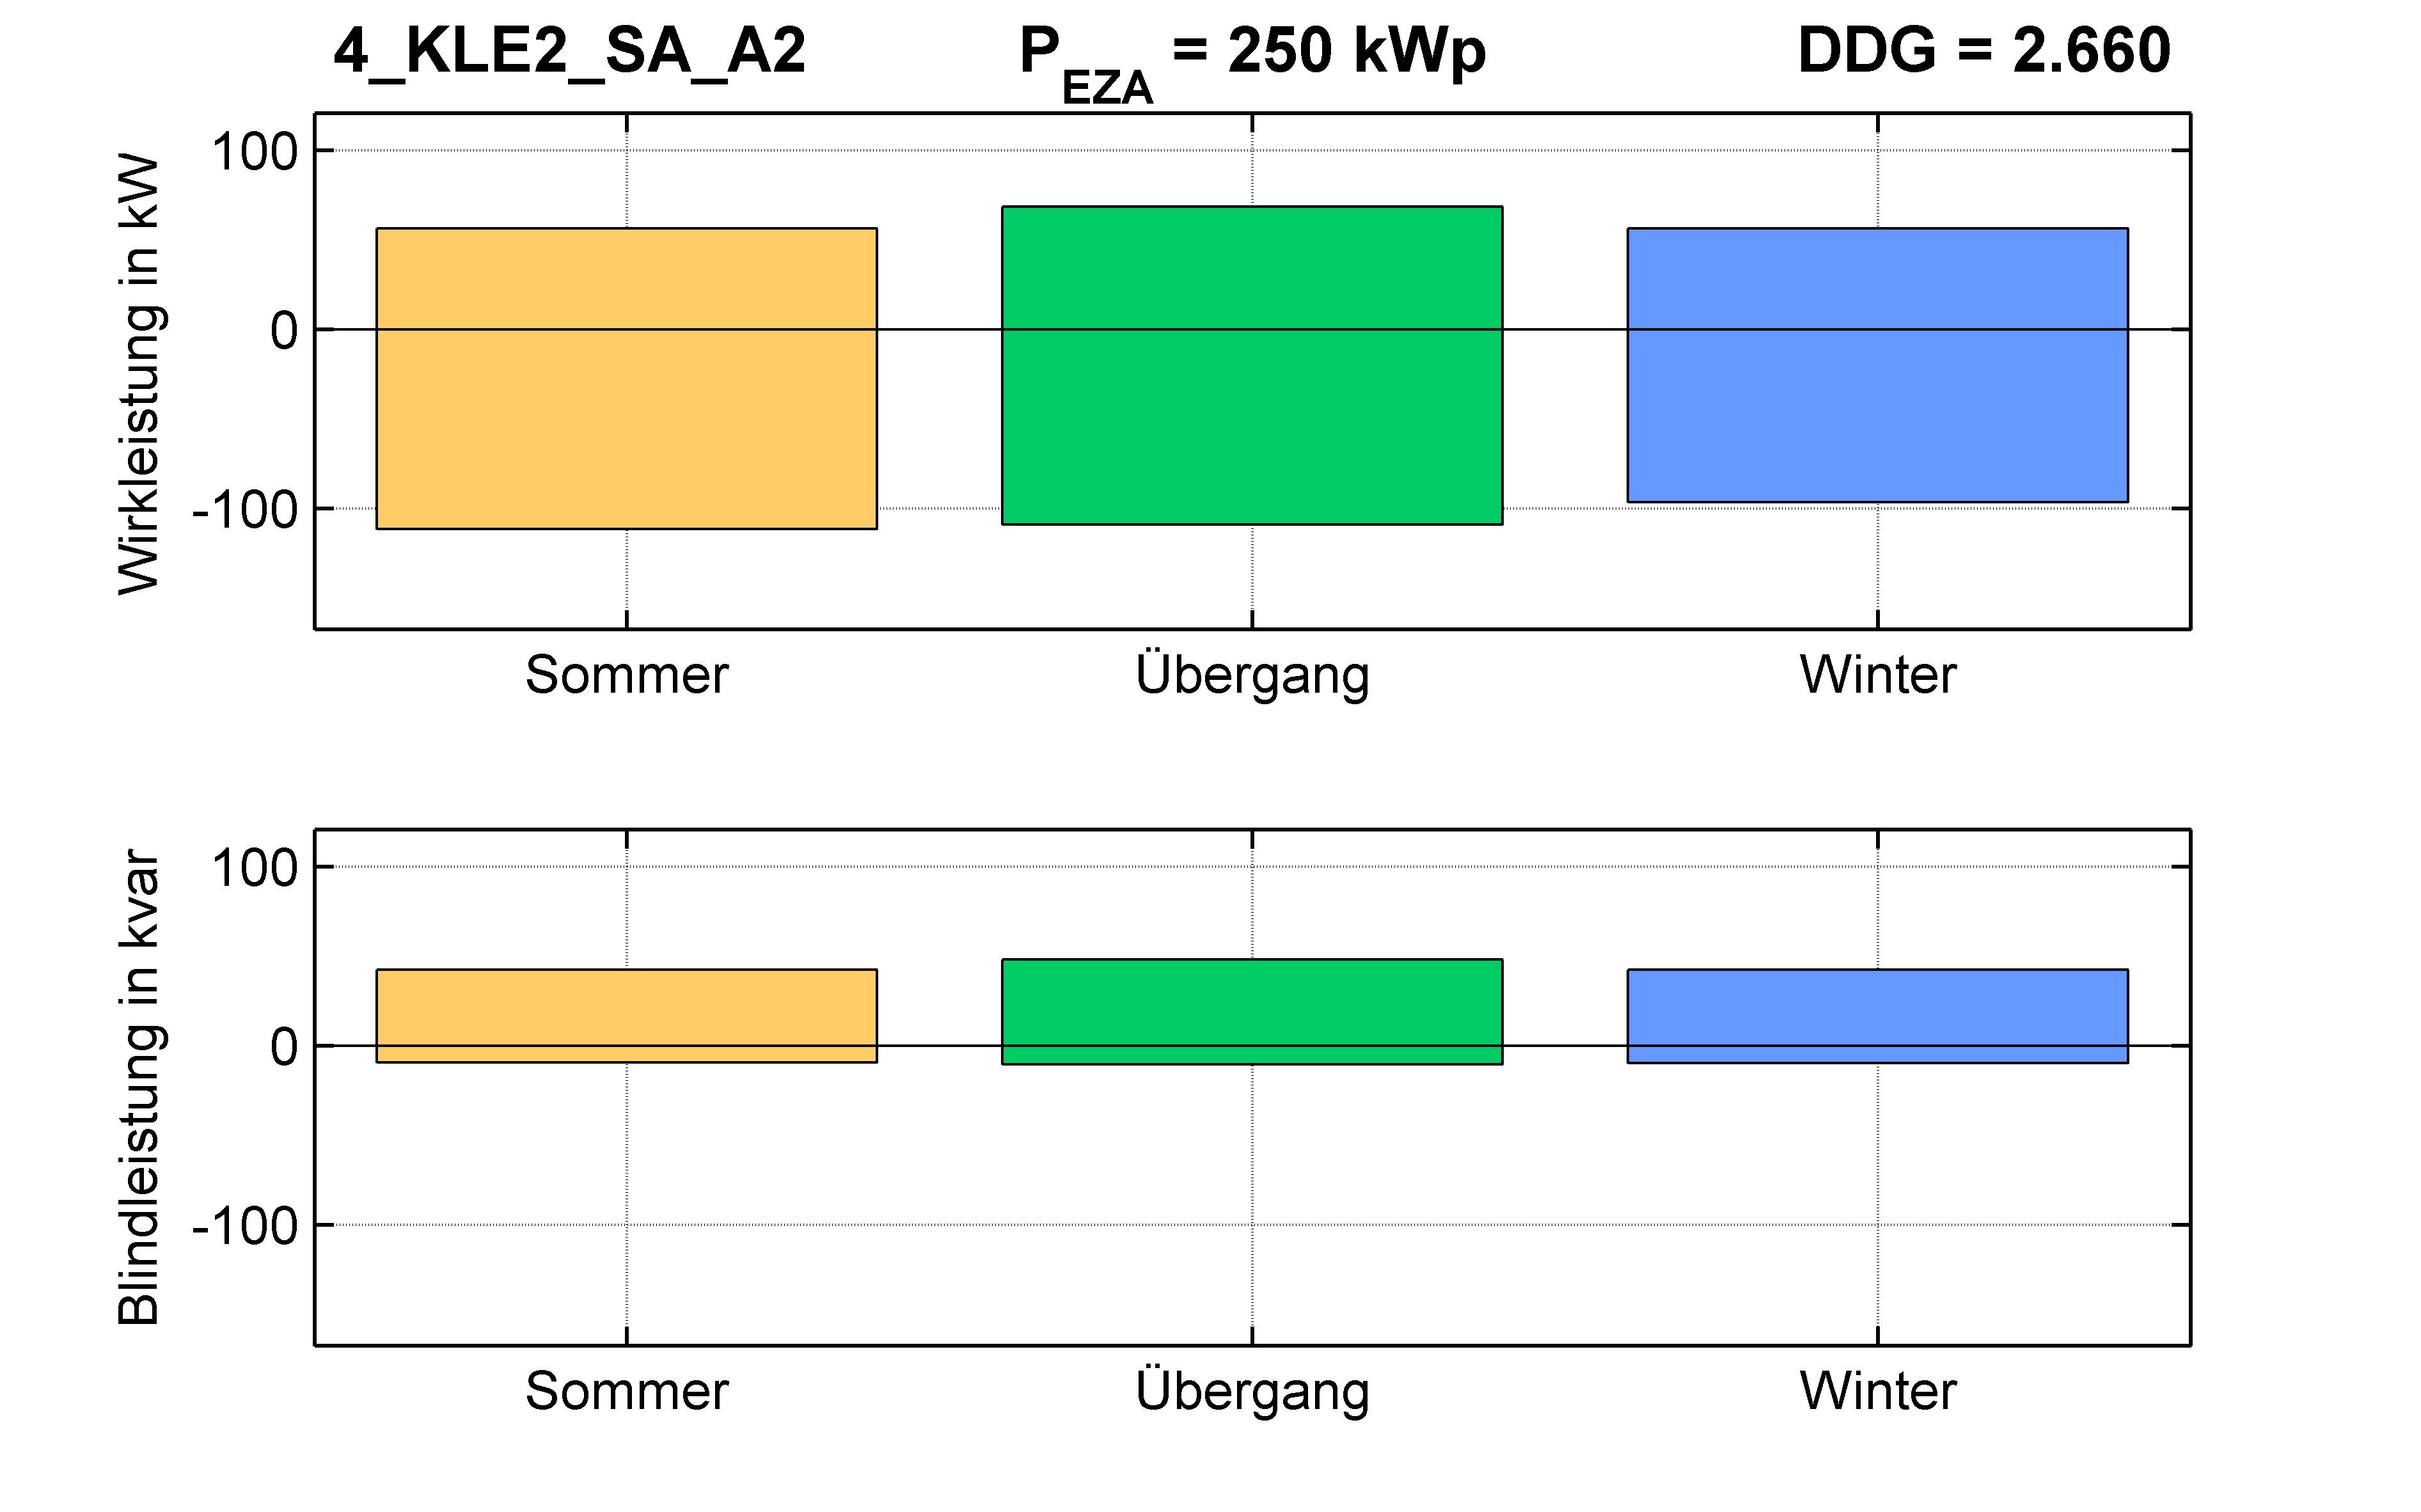 KLE2 | P-Kappung 55% (SA) A2 | PQ-Bilanz